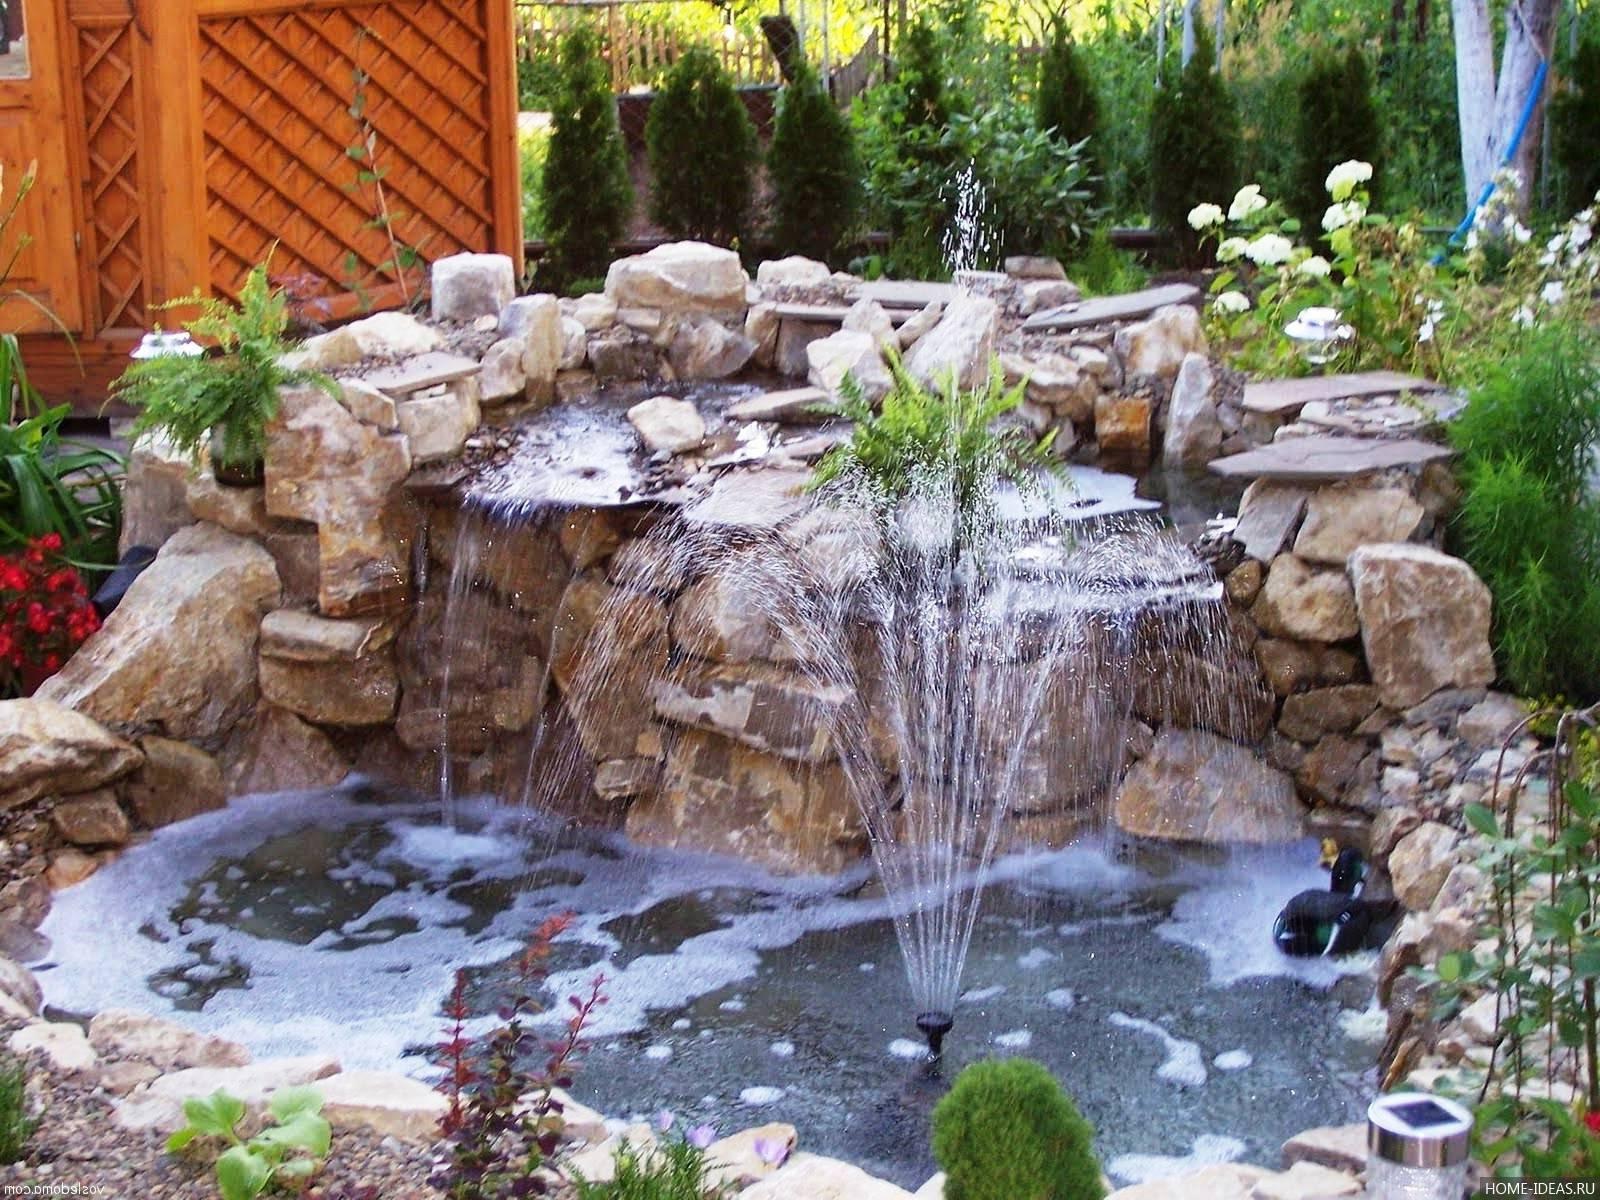 Водопад на даче своими руками: пошаговая инструкция по возведению (фото)